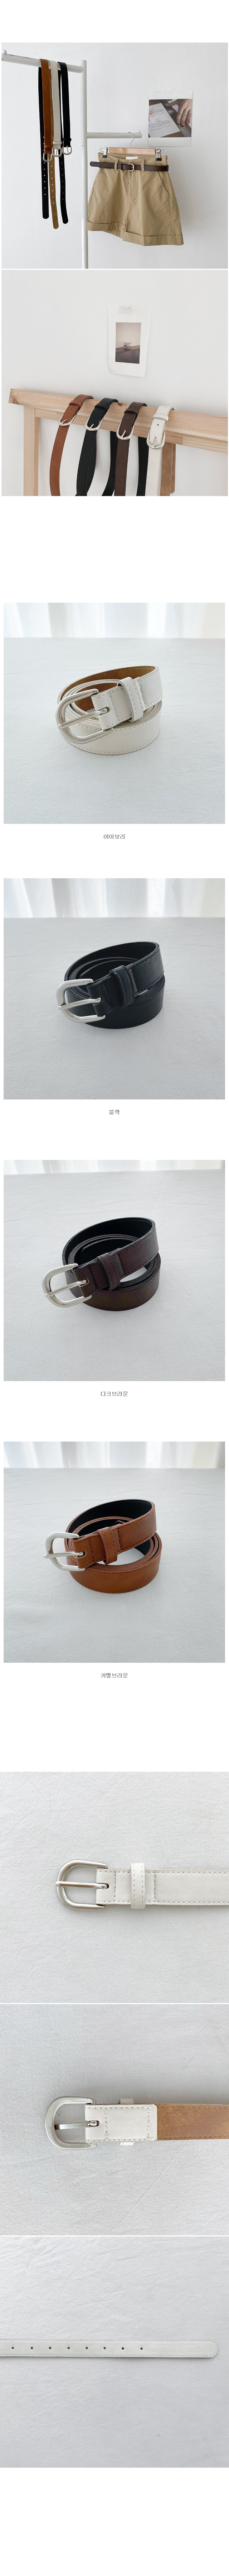 Buffy daily belt